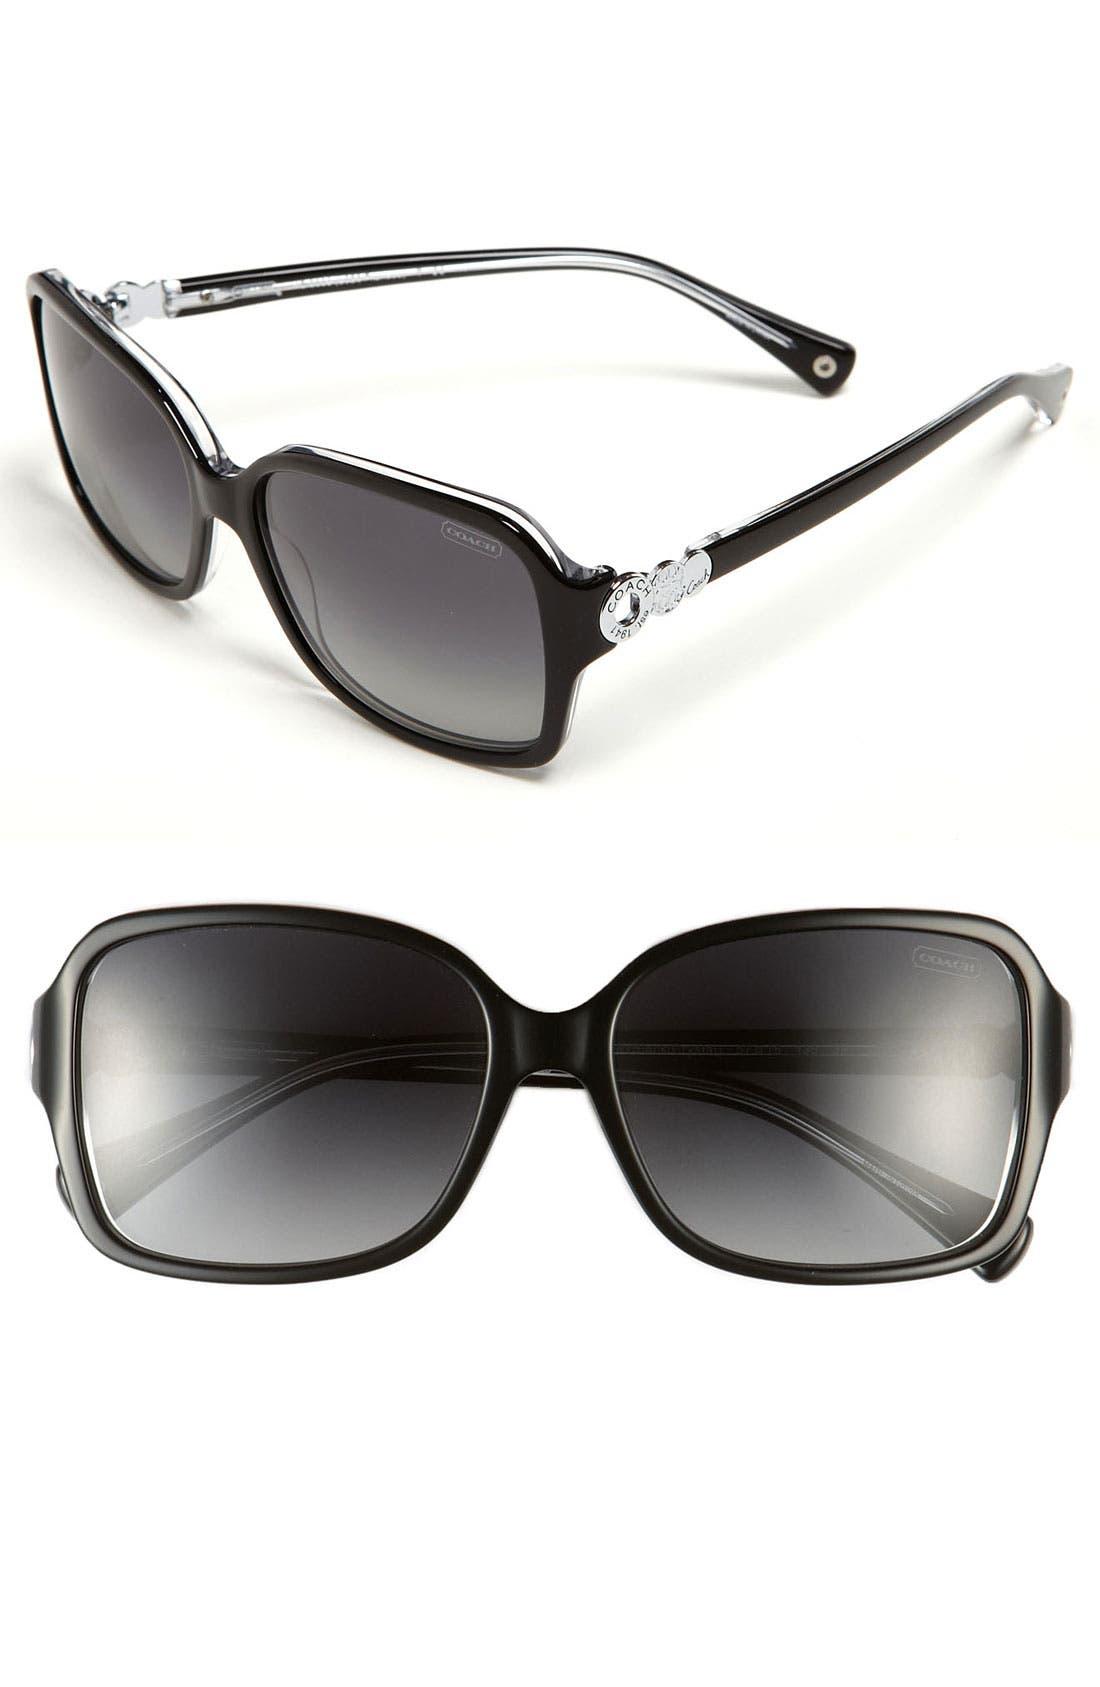 Main Image - COACH 'Frances' Oversized Polarized Sunglasses